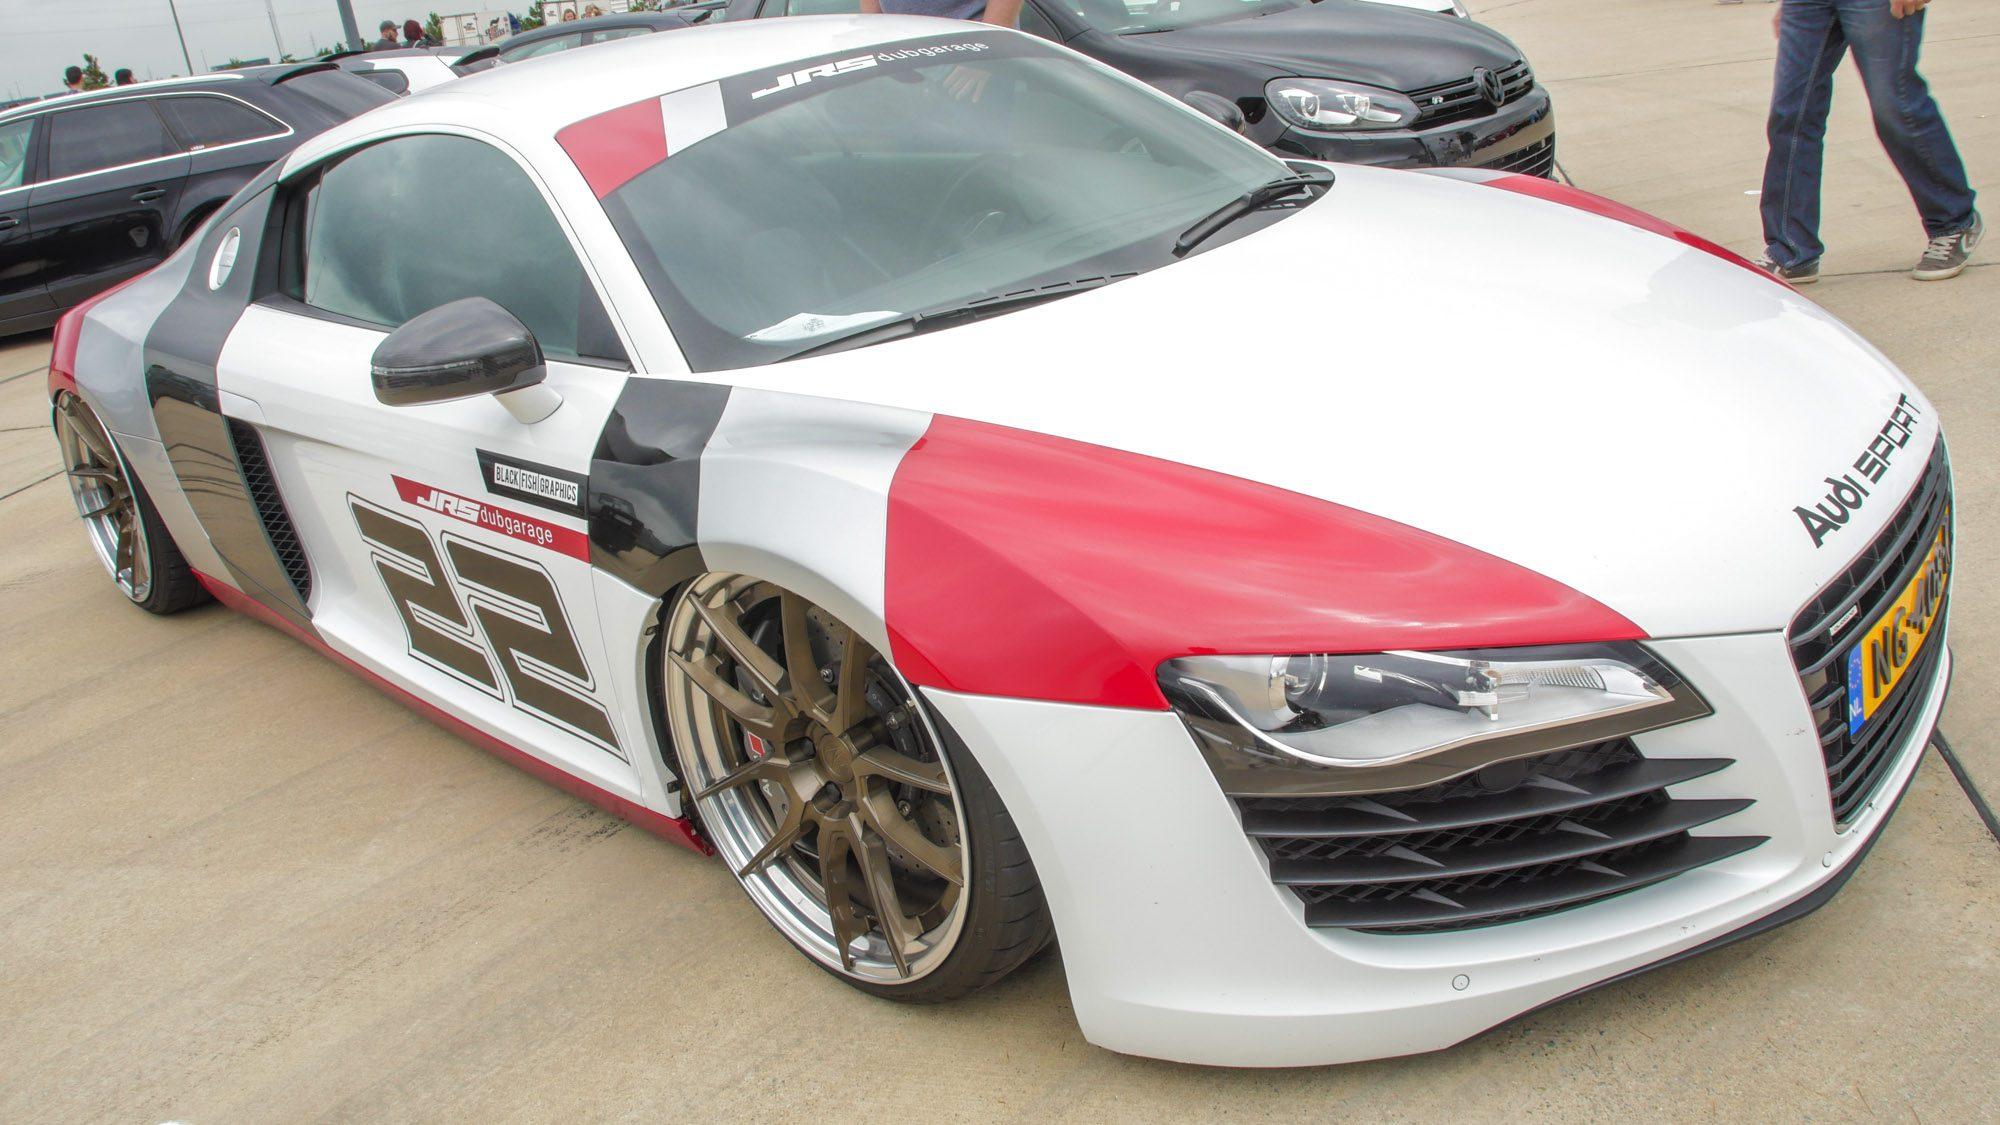 Frontansicht des Audi R8